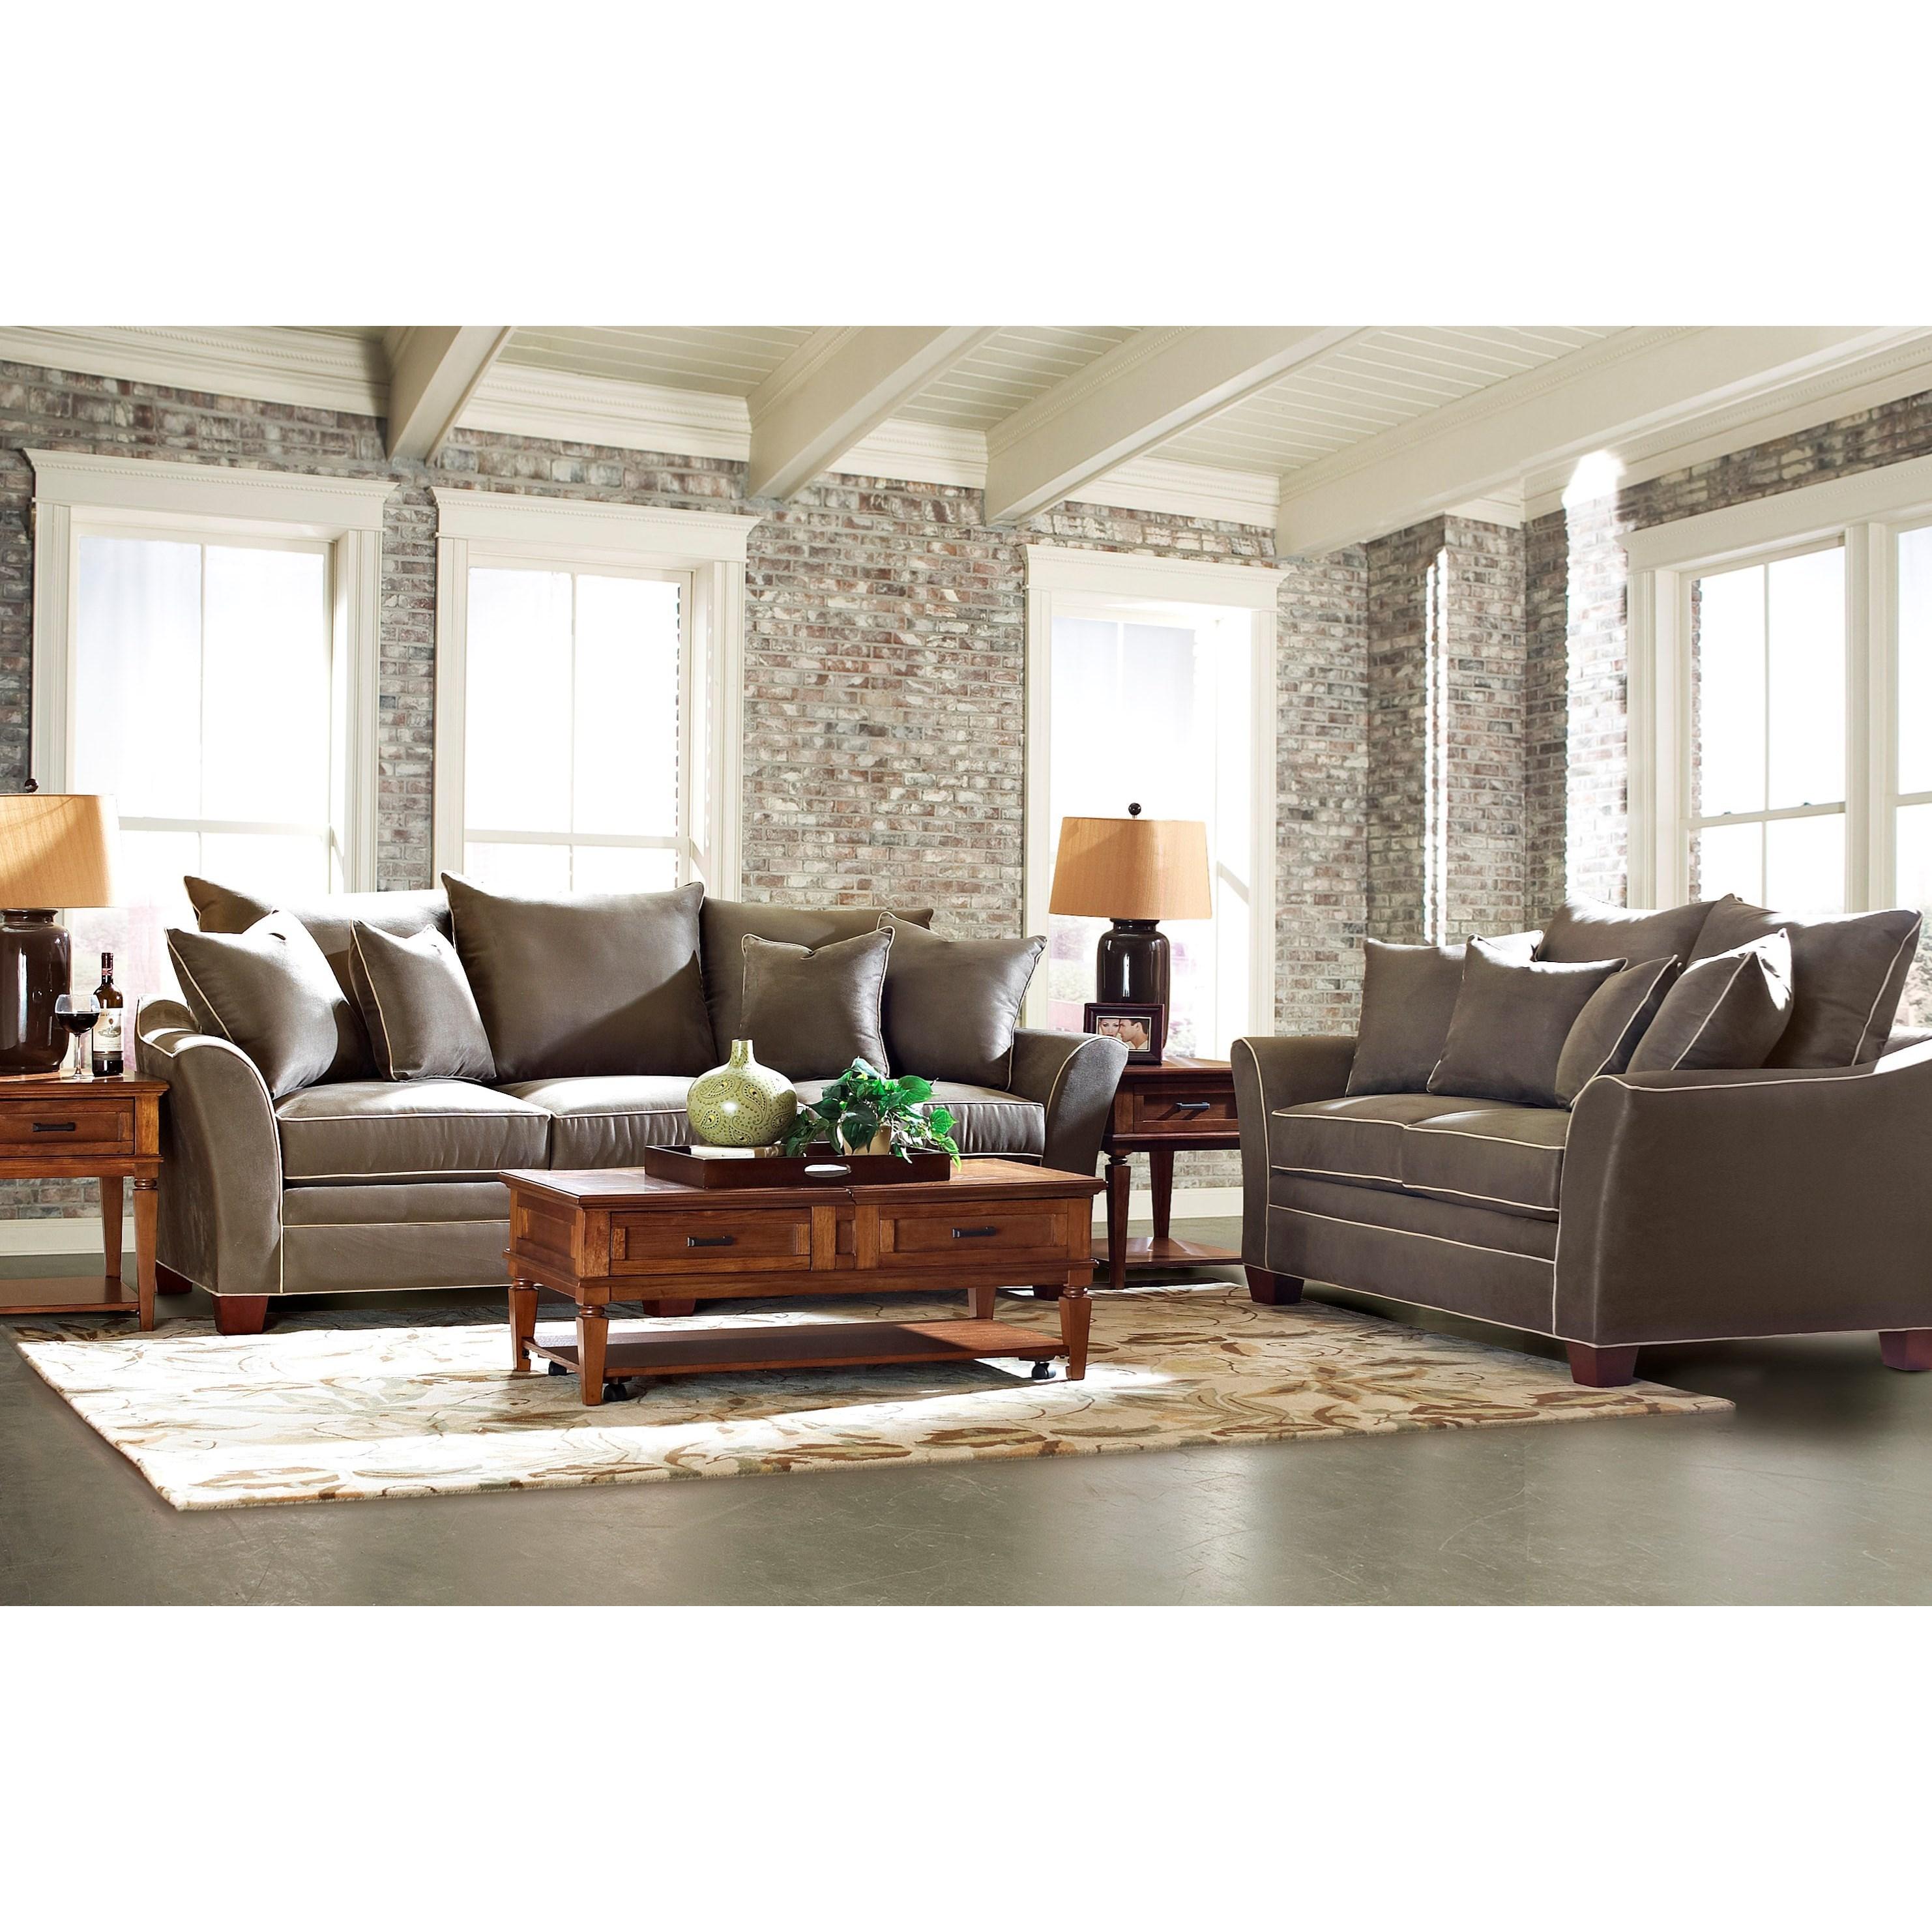 klaussner sadie living room group efo furniture outlet On efo furniture outlet